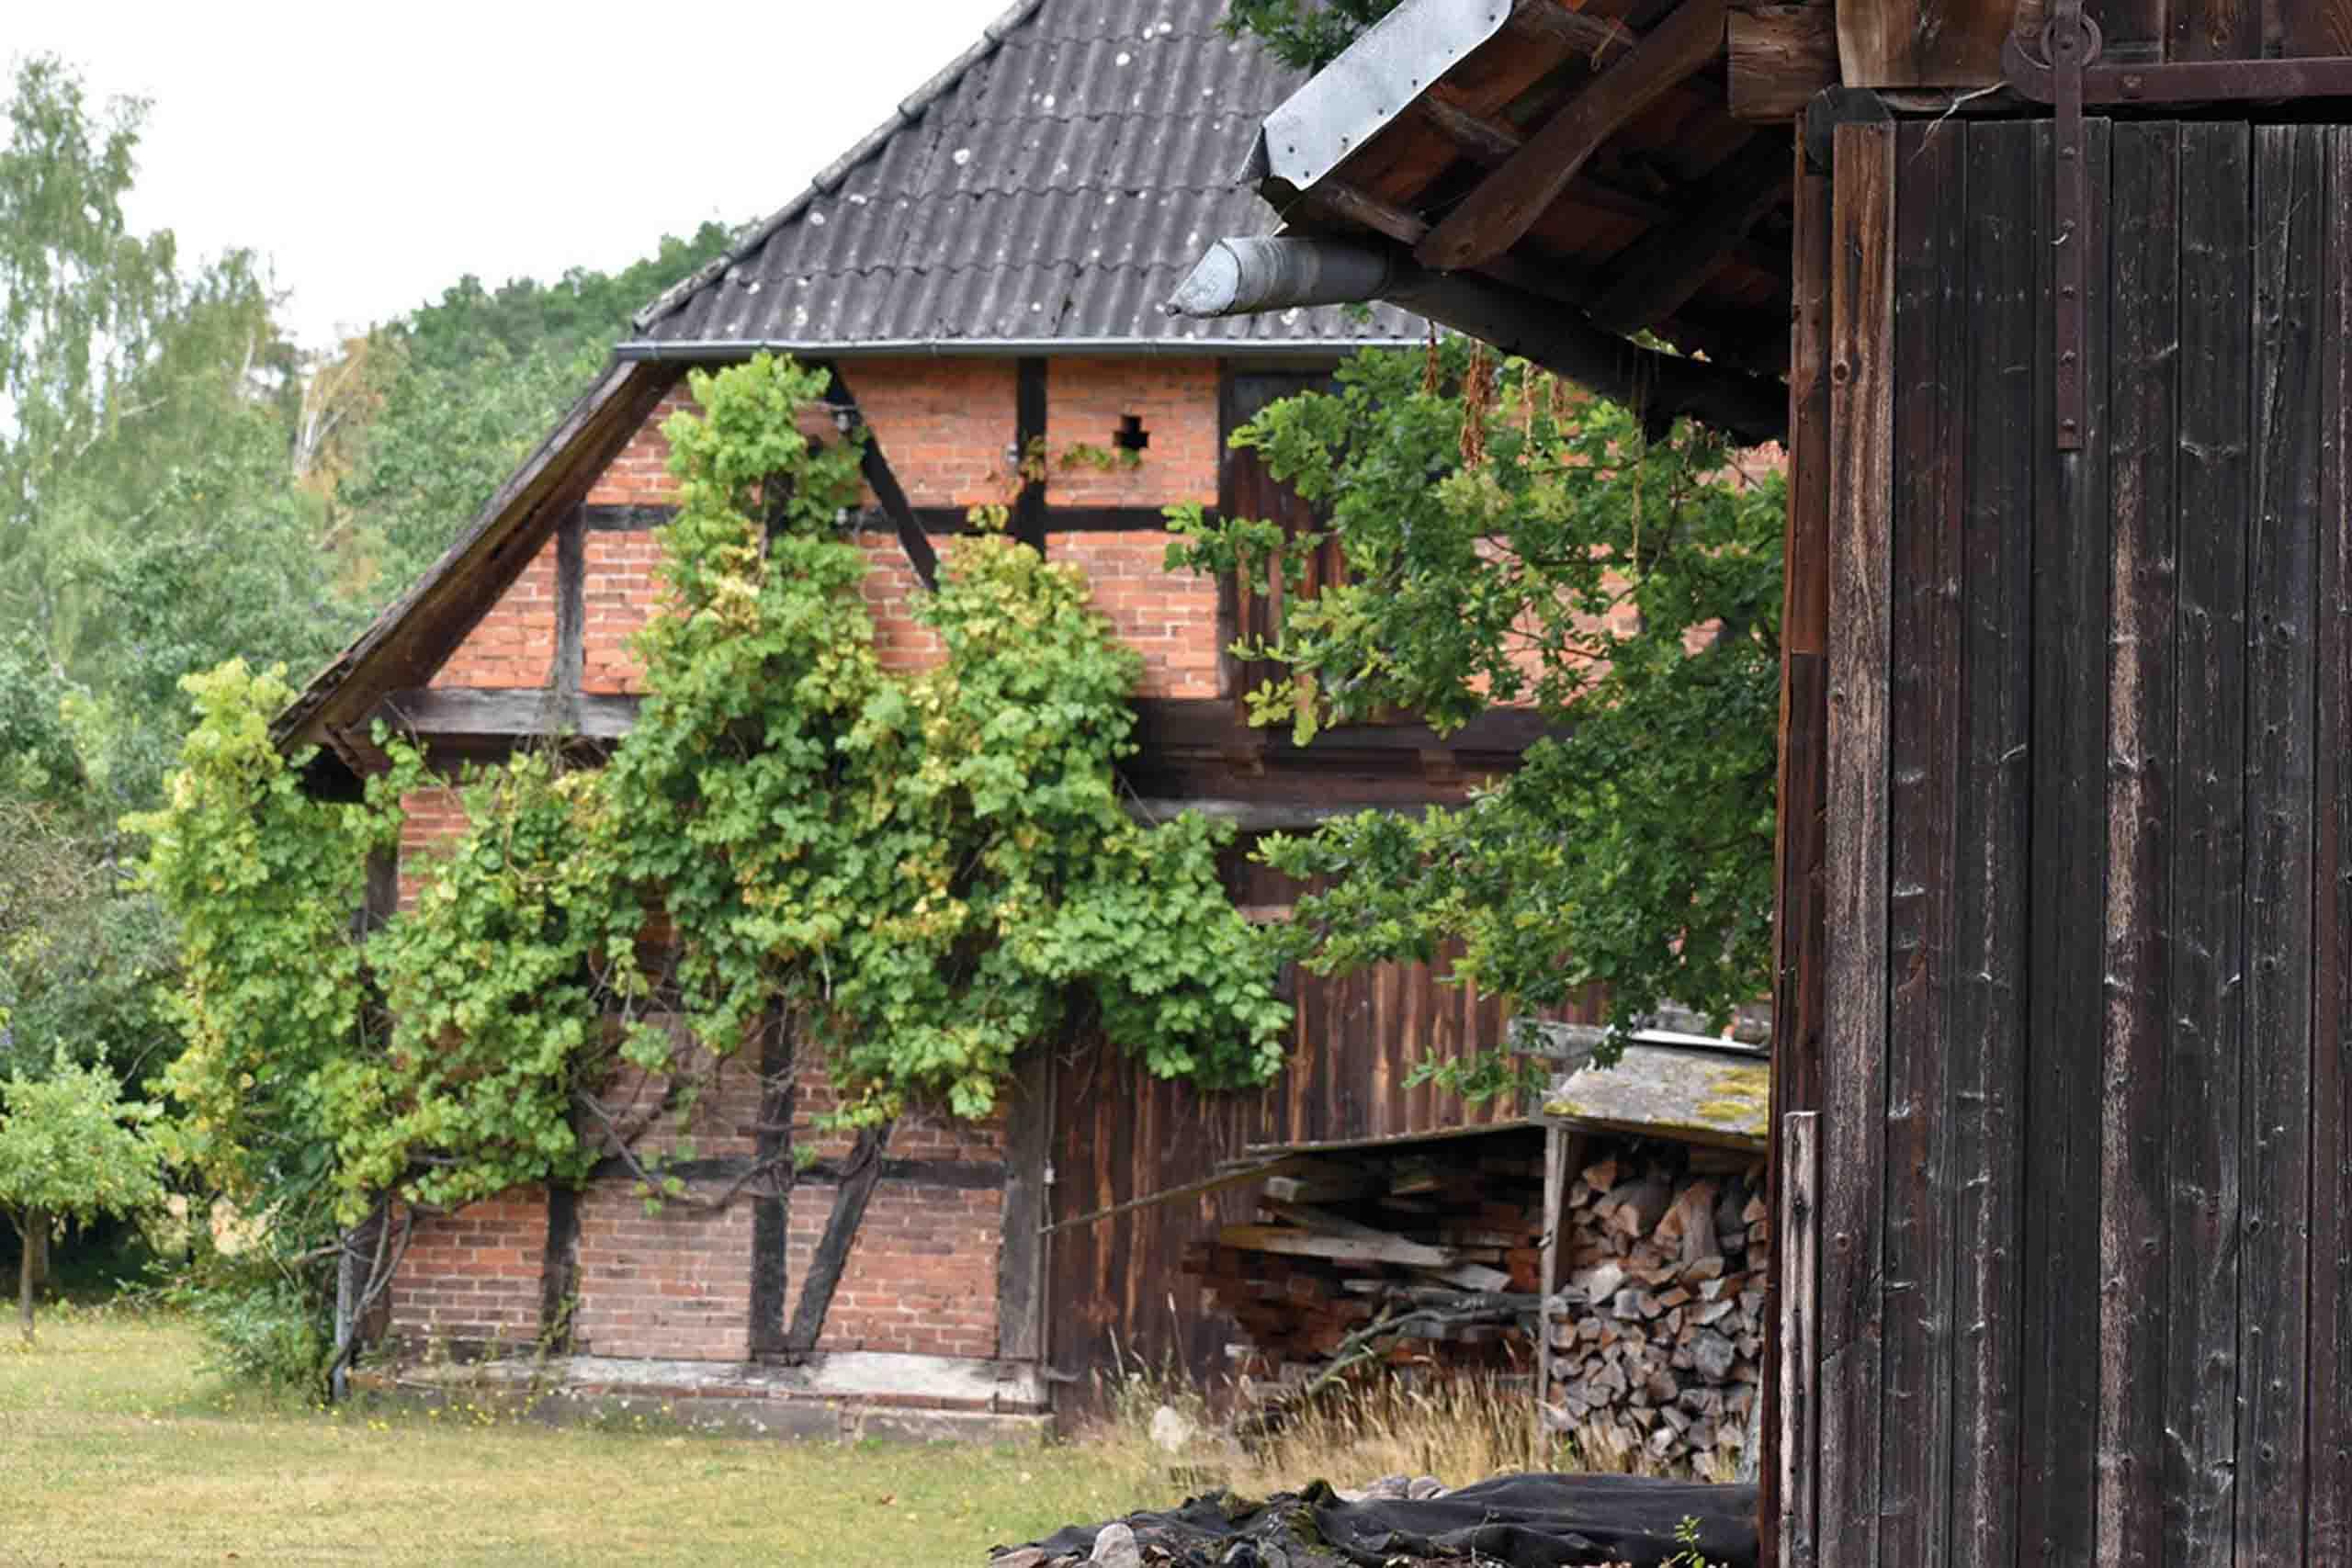 Prächtige, alte Bauernhäuser in Altencelle